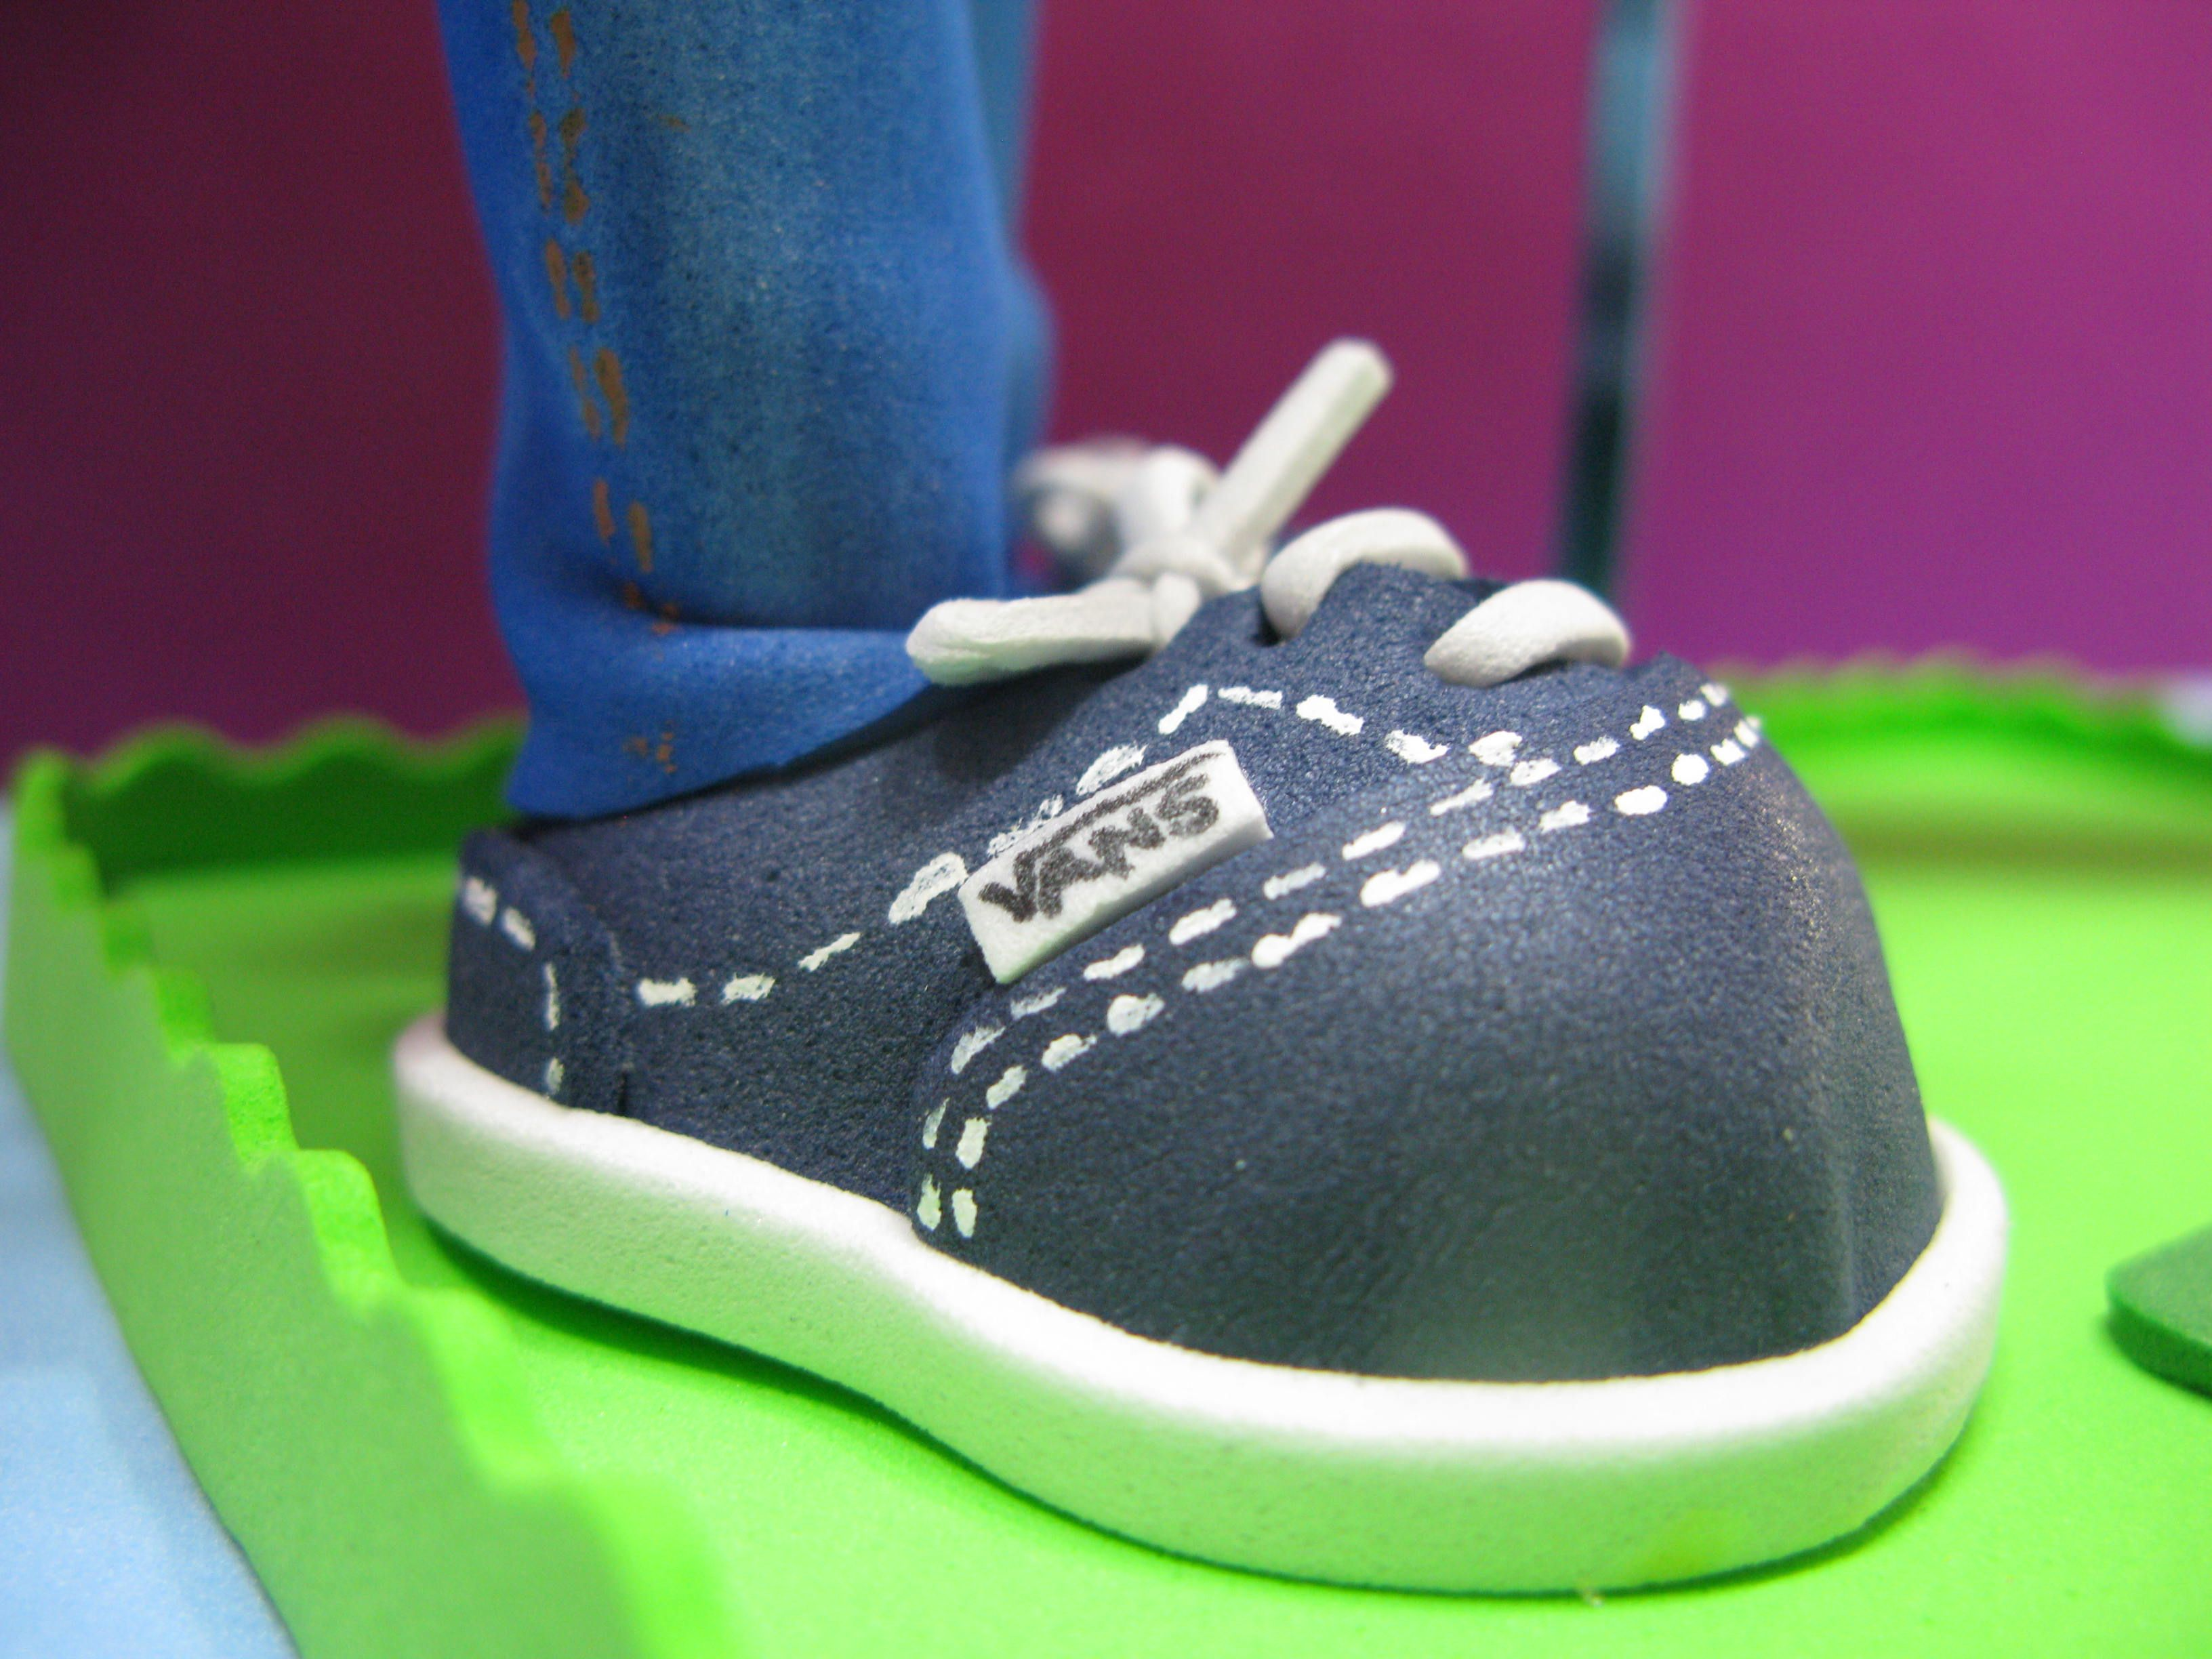 Tipo gt  Off46 Vans Zapatos Discounts agwX7 5d716e99910